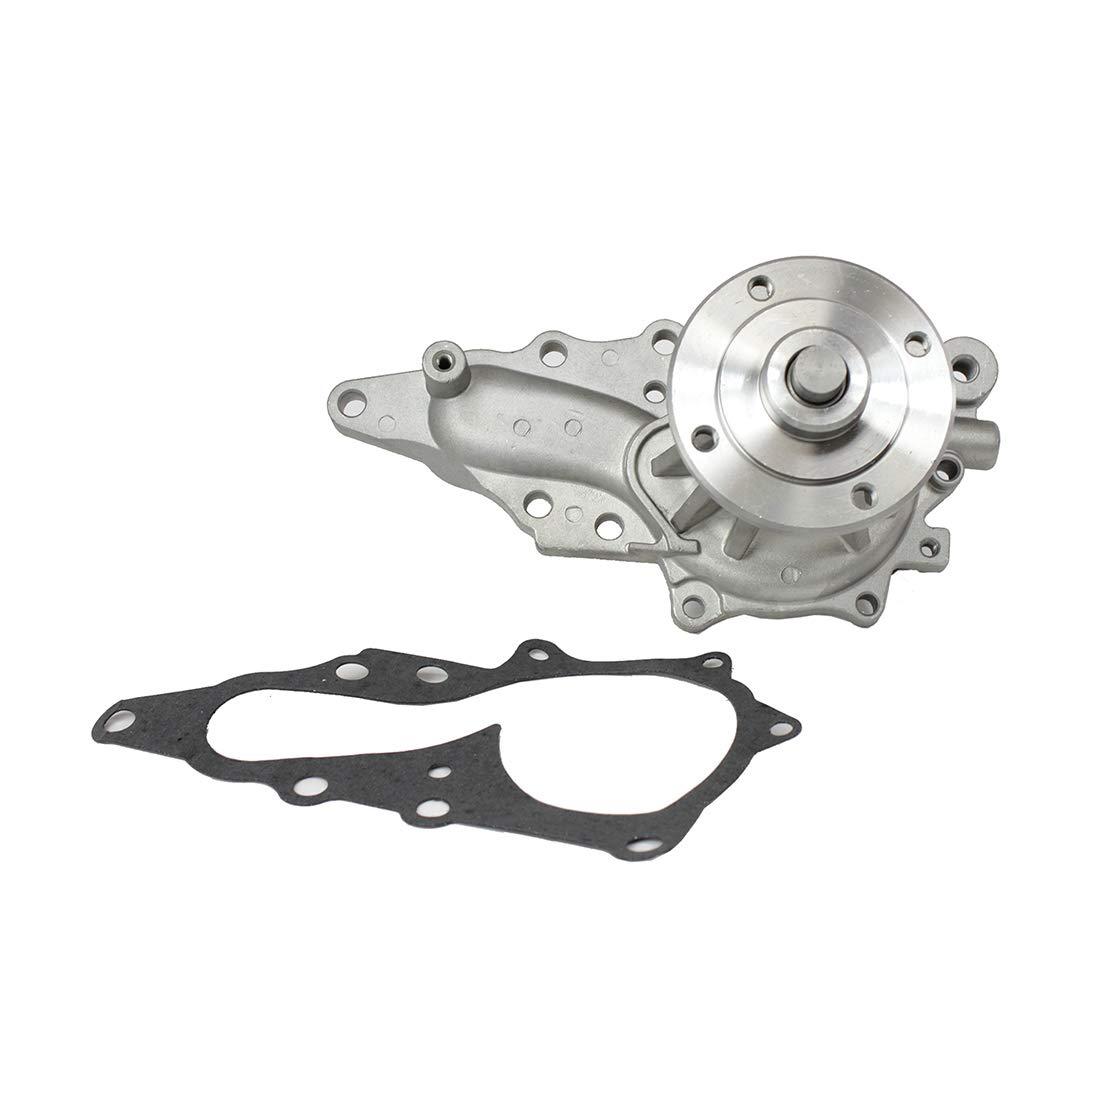 Supra // 3.0L // DOHC // L6 // 24V // 2997cc // 2JZGE 2JZGTE SC300 Toyota // GS300 DNJ WP946 Water Pump for 1992-2000 // Lexus